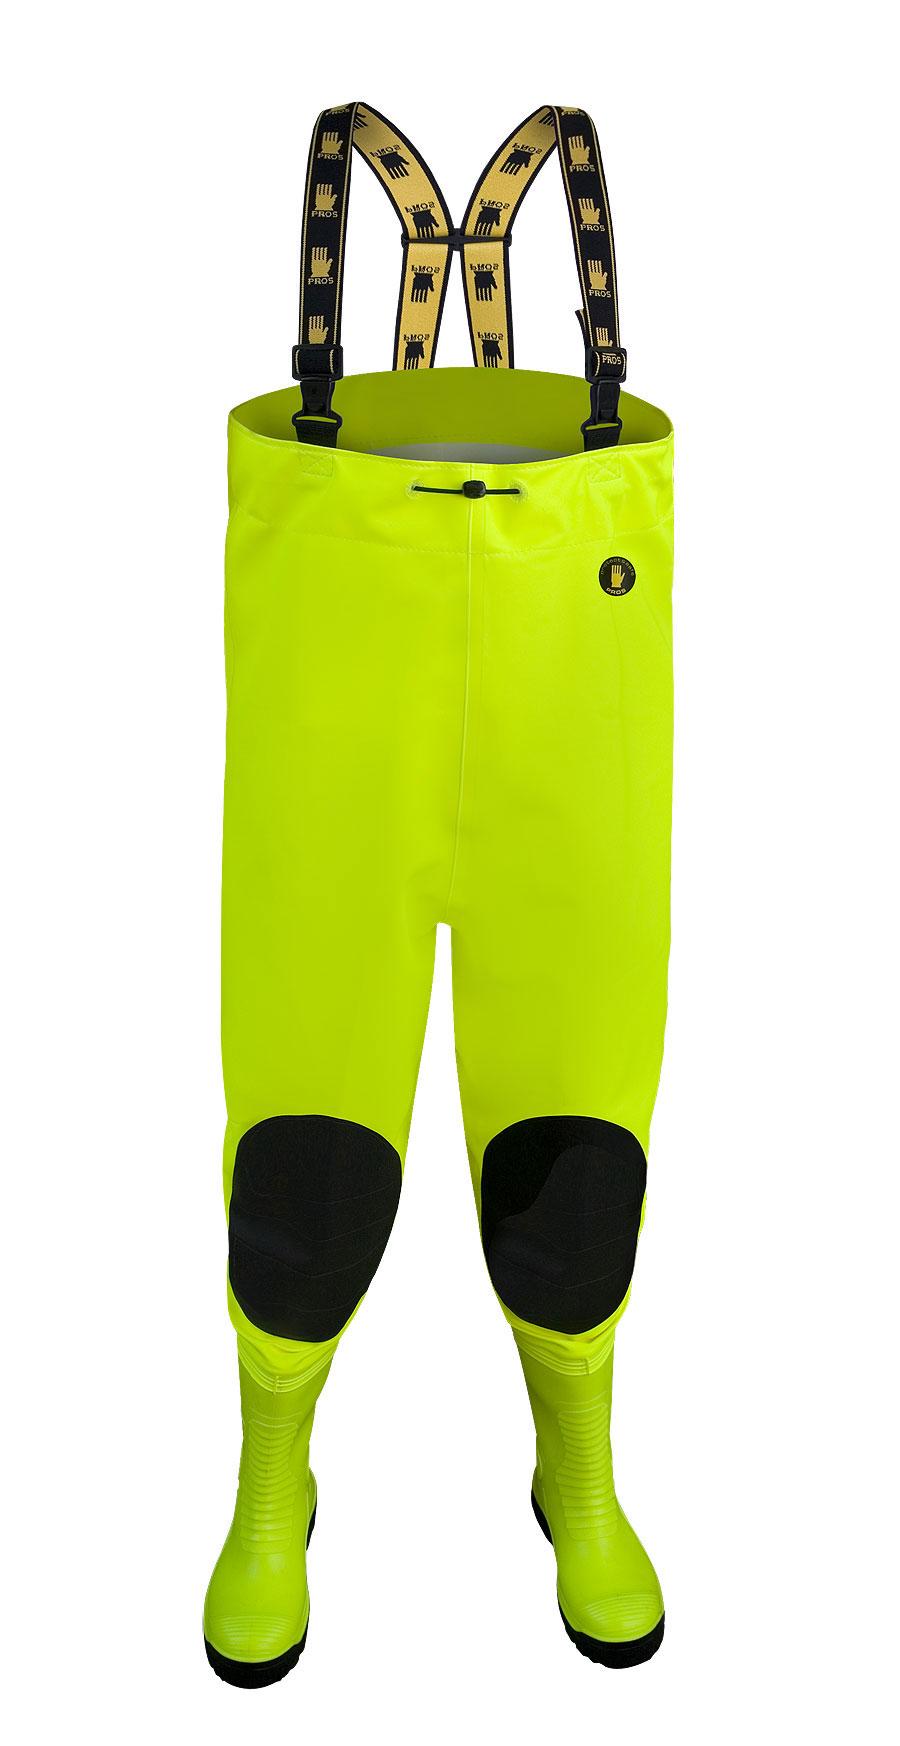 Brodící kalhoty MAX Fluo žluté vel.42    SBM01 Fluo žl.  PROS